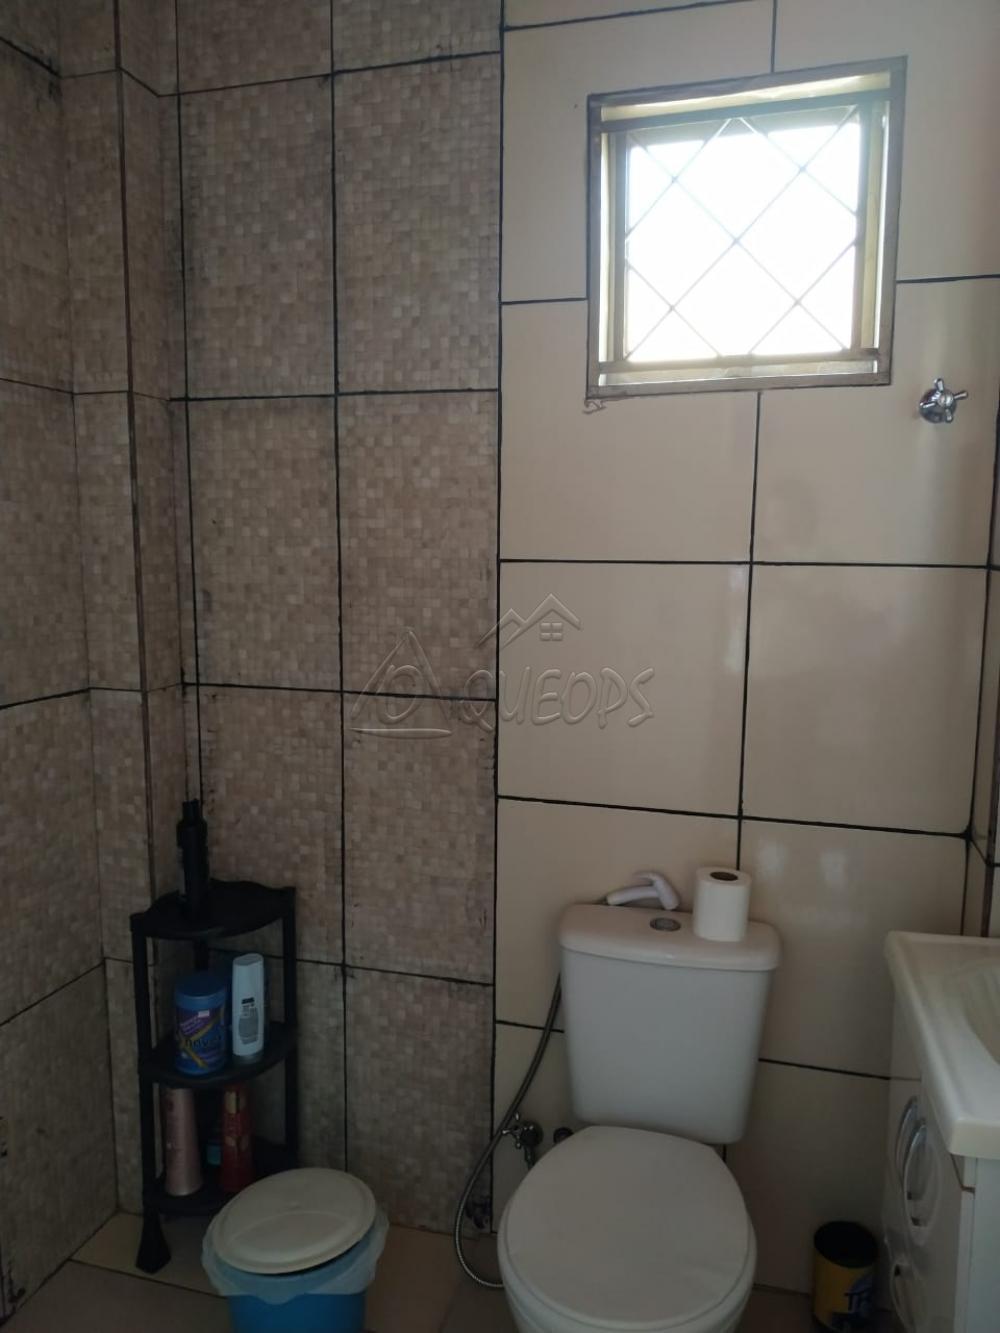 Comprar Casa / Padrão em Barretos apenas R$ 180.000,00 - Foto 15